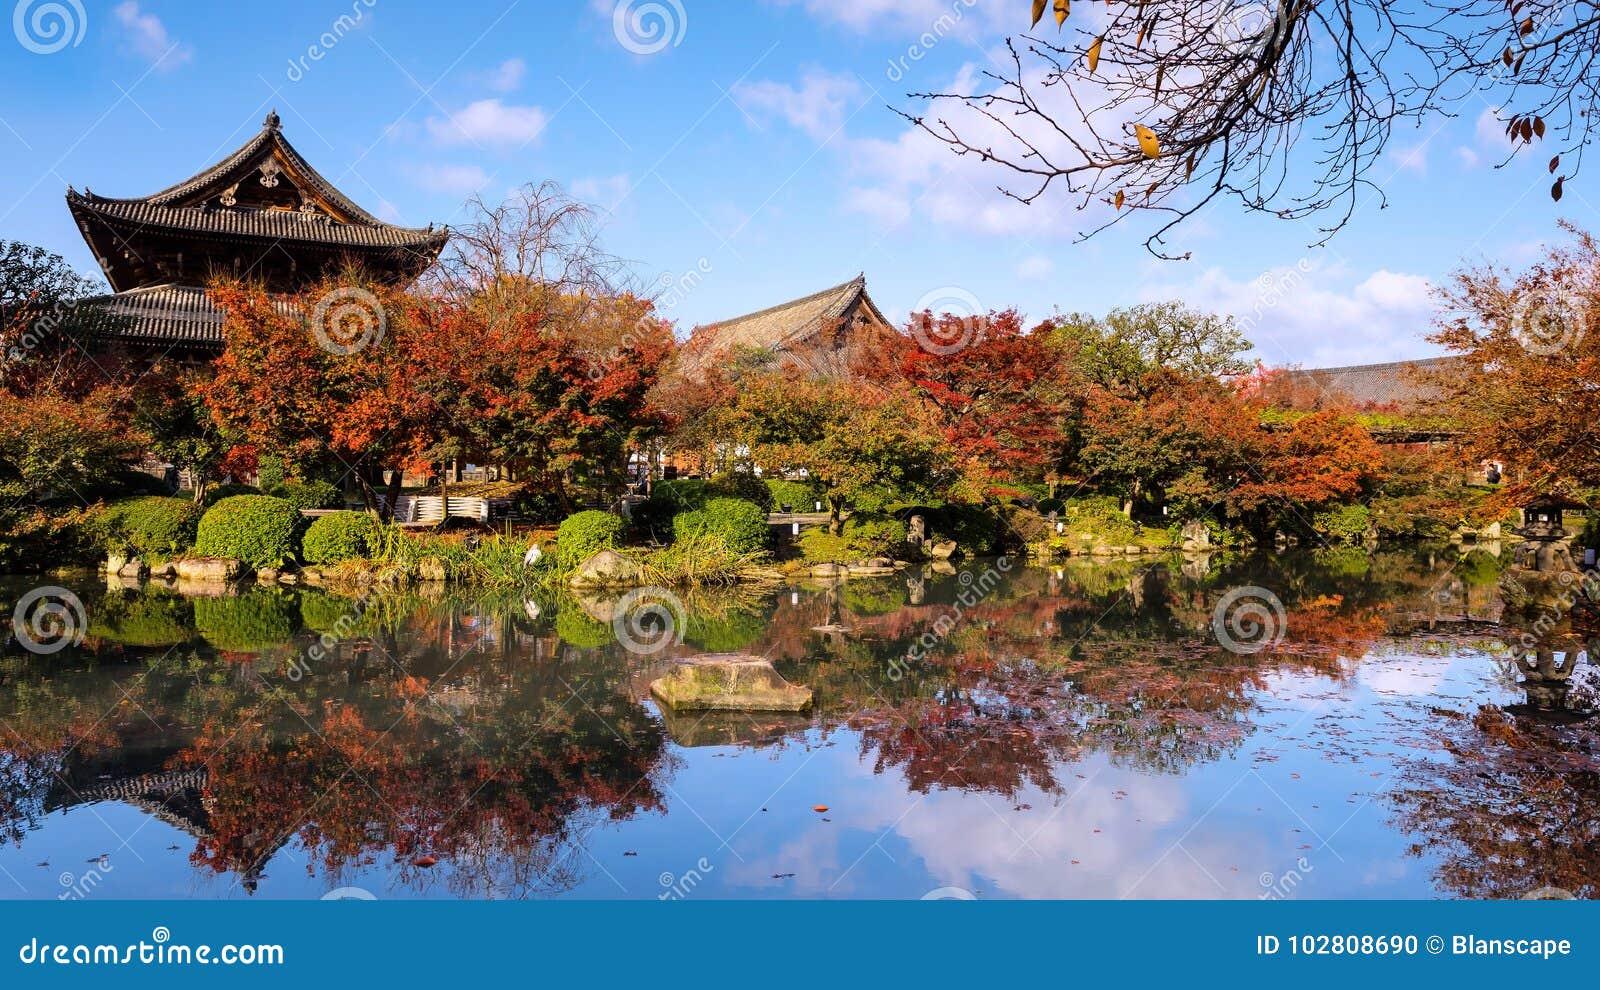 Autumn Garden At Toji Temple, Kyoto Stock Photo - Image of landmark ...